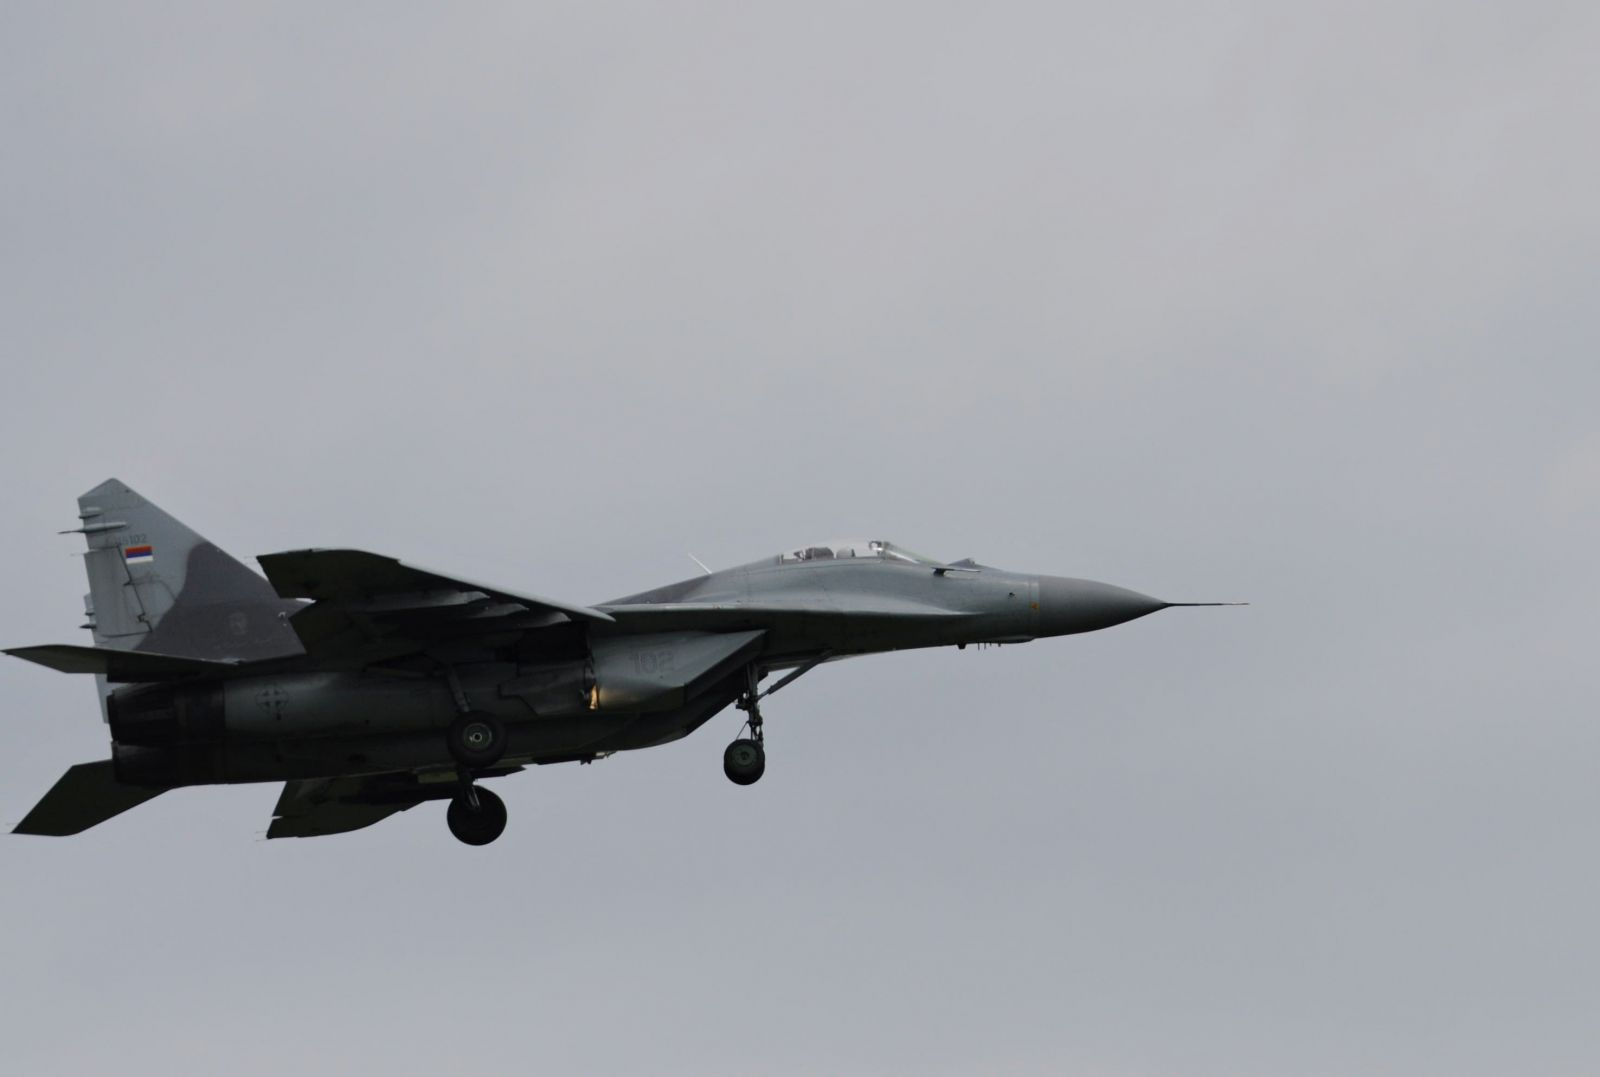 ГАЛЕРИЯ: Български и сръбски изтребители МиГ-29,въоръжени с ракети Р-60 и Р-73, действат от авиобаза Граф Игнатиево по въздушни цели над Черно море